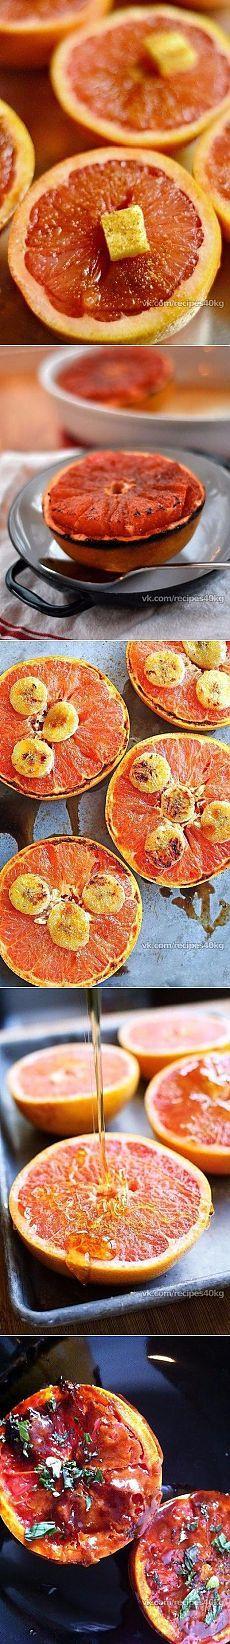 Жиросжигающая бомба! Запеченный грейпфрут с корицей — Диеты со всего света